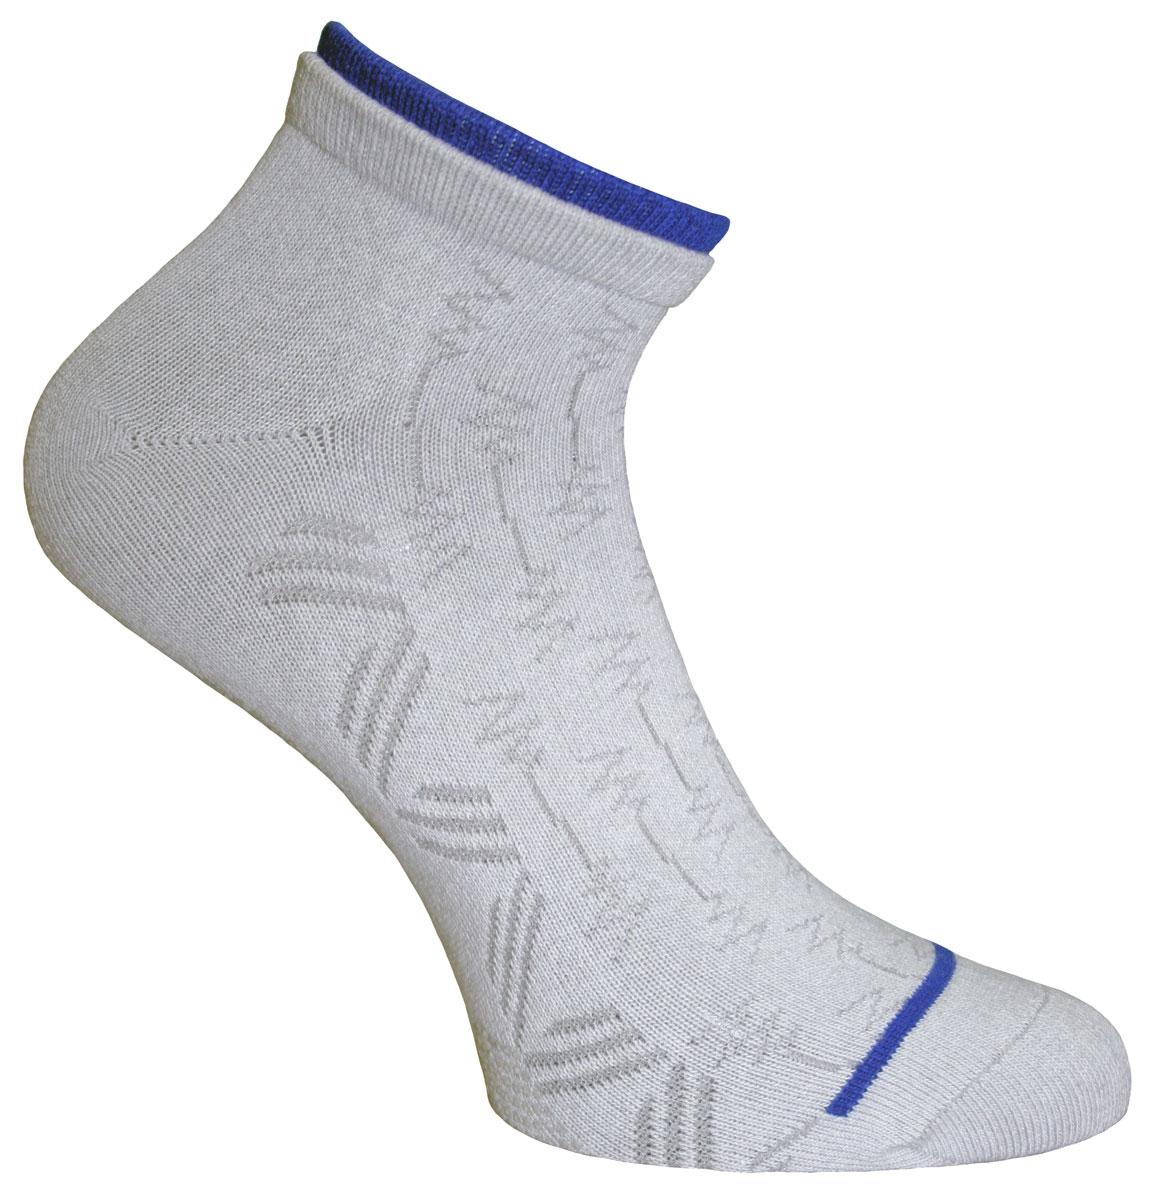 Носки женские Soft Cotton. 8510685106Удобные укороченные носки Master Socks, изготовленные из высококачественного комбинированного материала, очень мягкие и приятные на ощупь, позволяют коже дышать. Эластичная резинка плотно облегает ногу, не сдавливая ее, обеспечивая комфорт и удобство. Носки с противоскользящим покрытием в зоне стопы, оформлены полупрозрачным орнаментом и дополнены контрастной вставкой на манжете. Практичные и комфортные носки великолепно подойдут к любой вашей обуви.